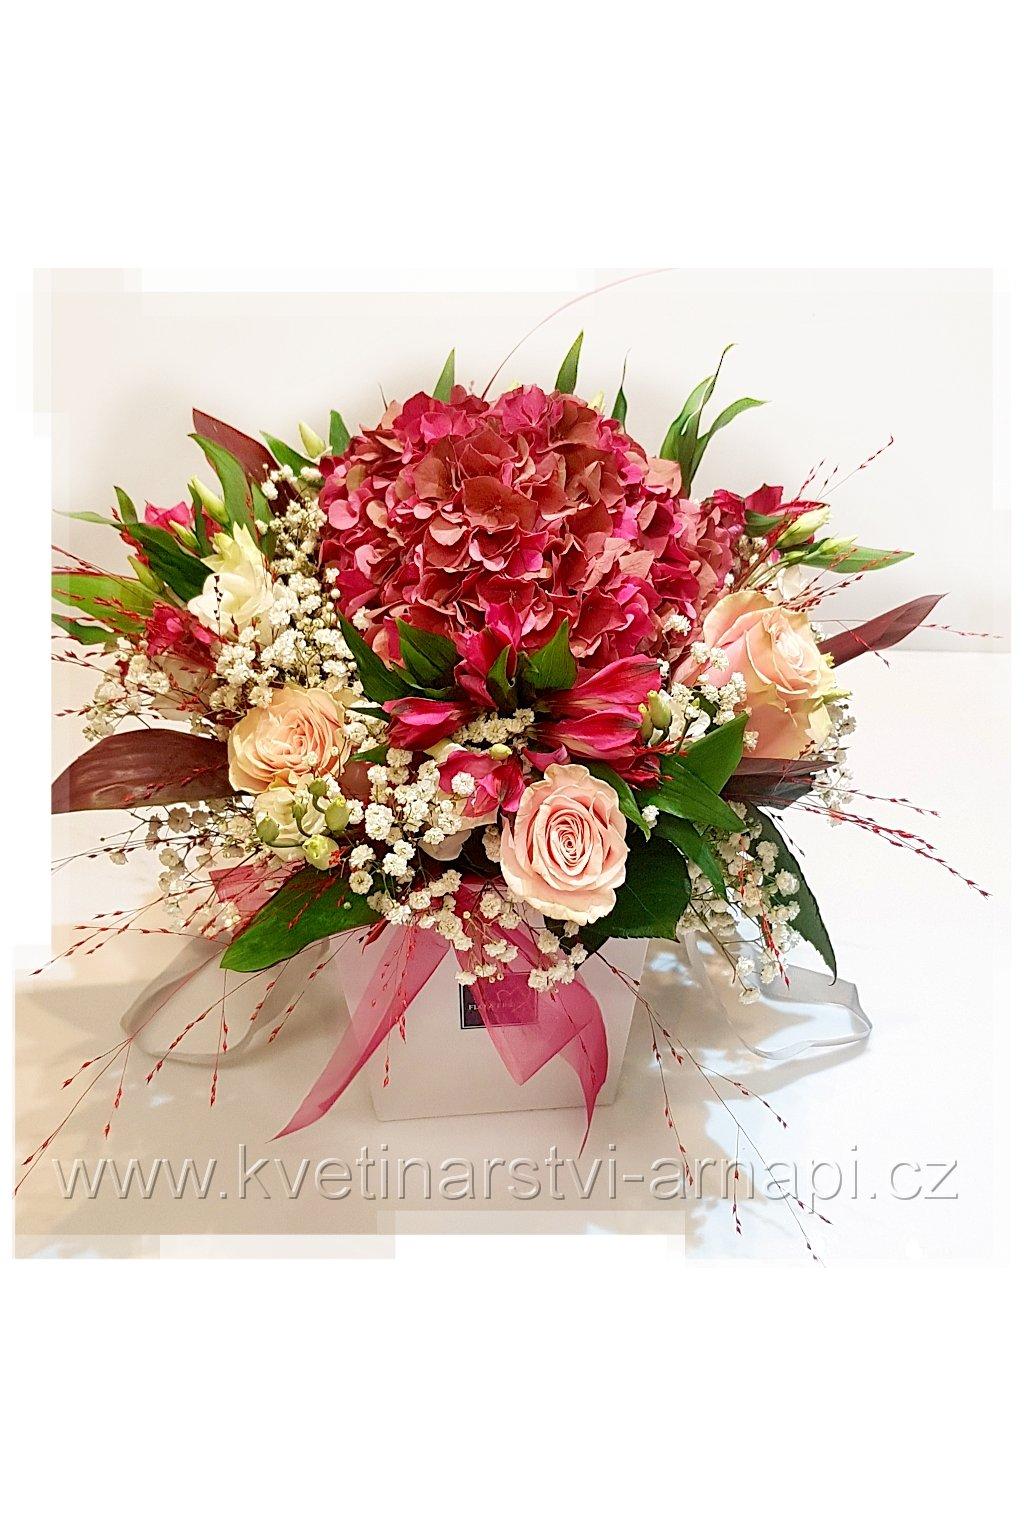 darkova kytice kvetinarstvi arnapi rozvoz eshop ruze hortenzie 1